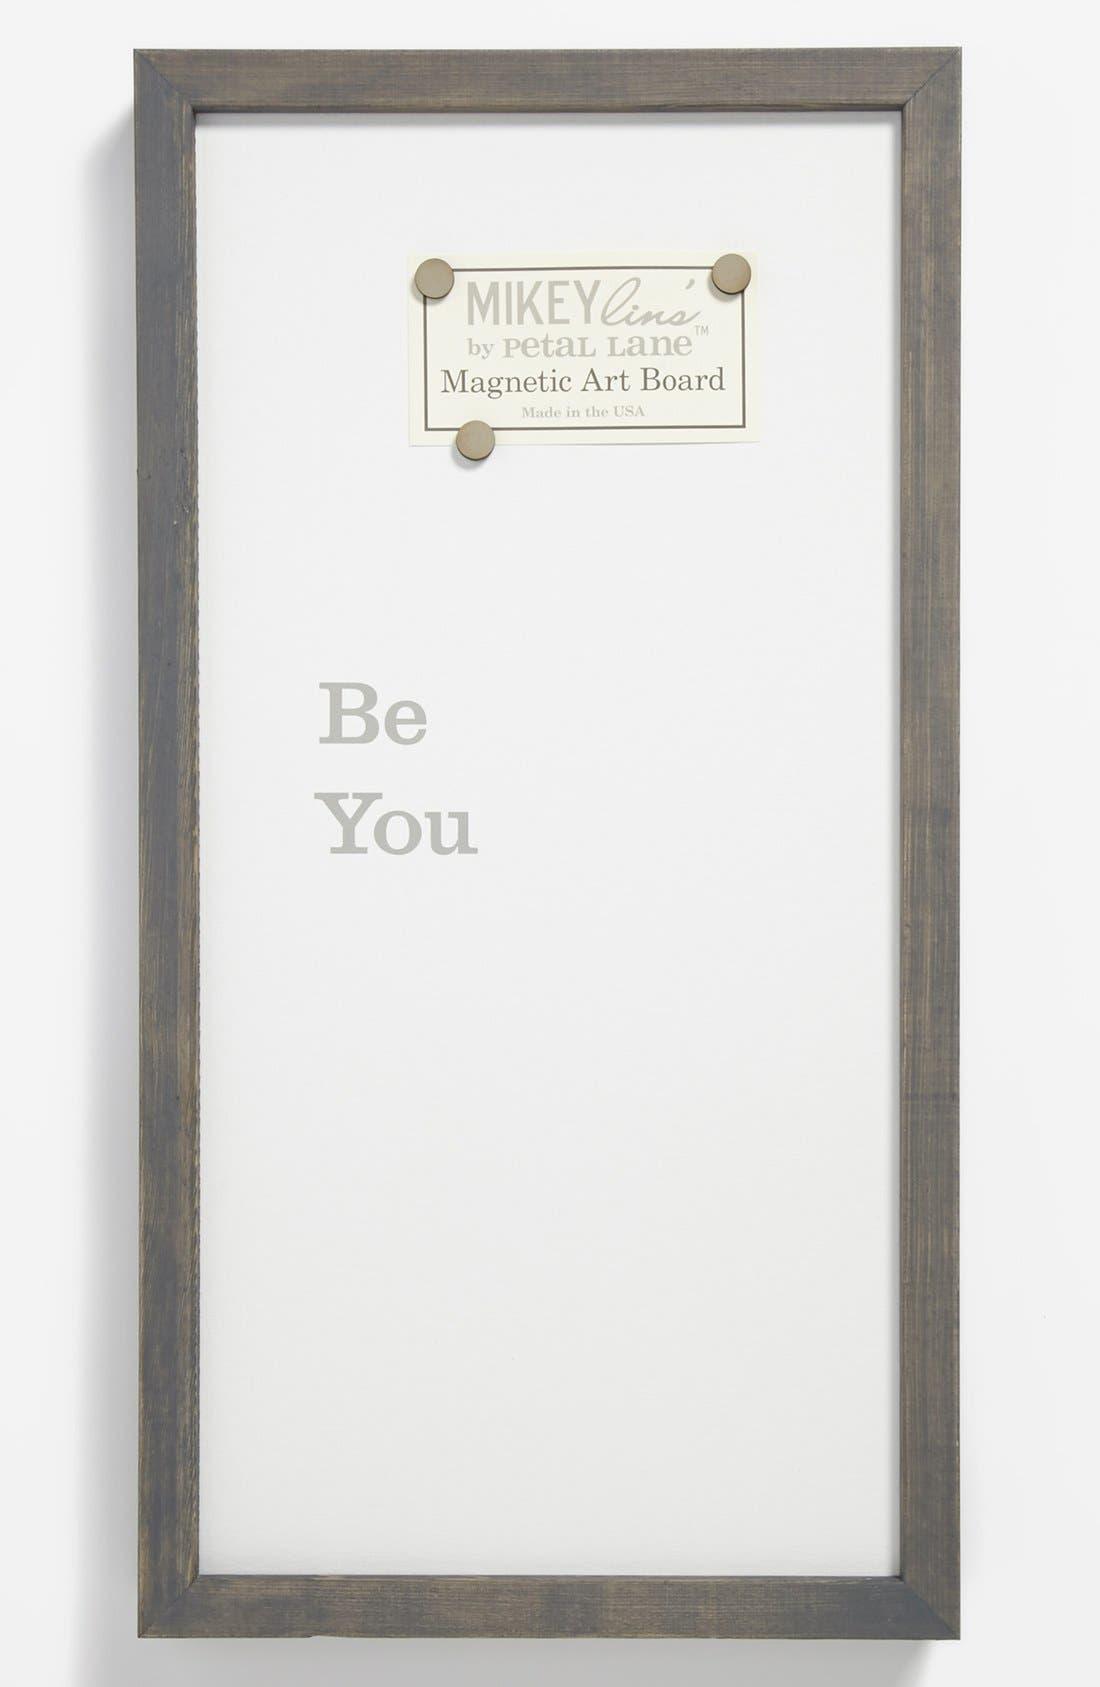 Alternate Image 1 Selected - 'Be You' Framed Magnet Board